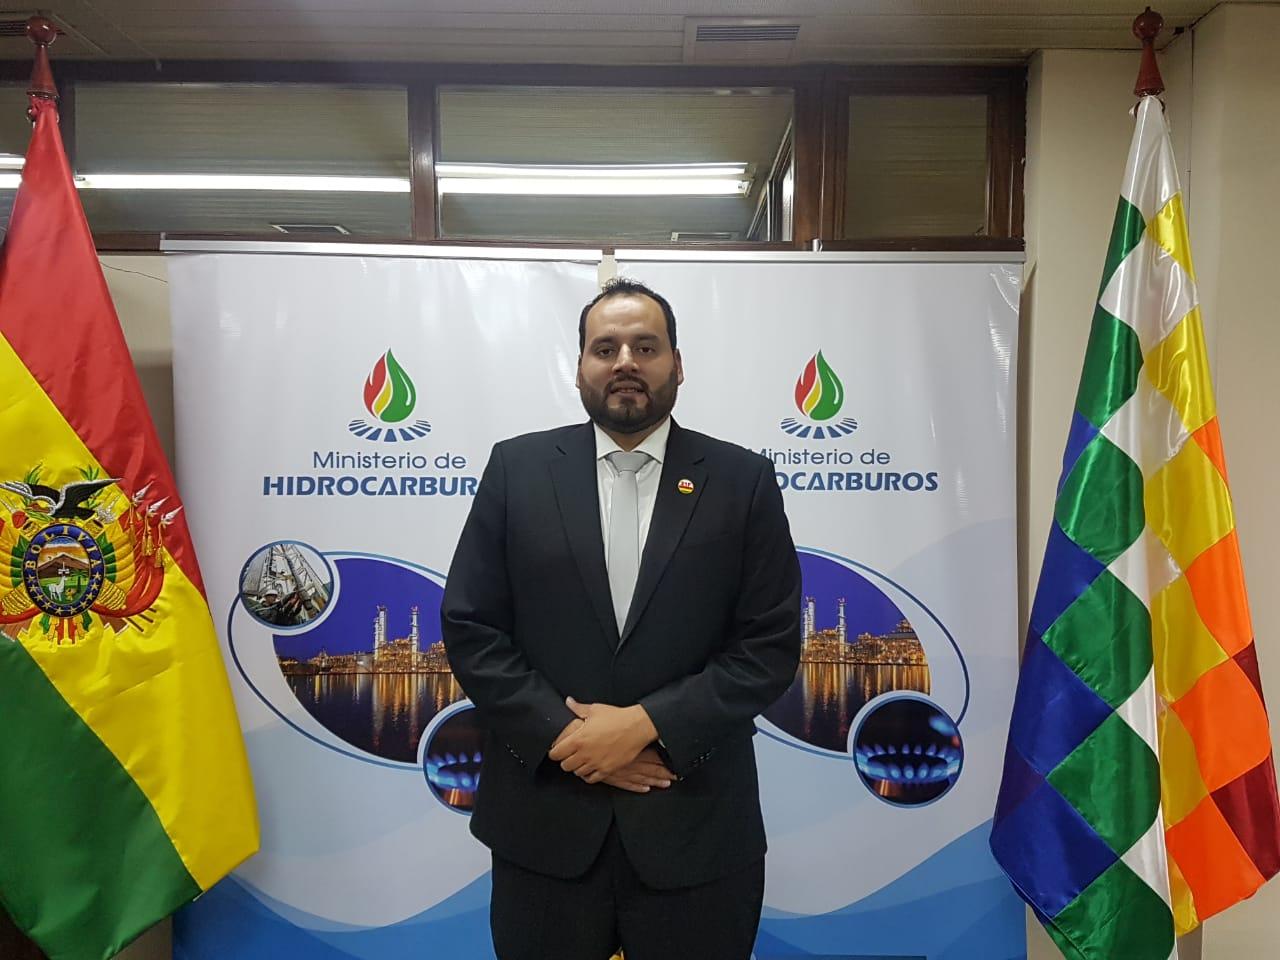 Herland Soliz es el nuevo Presidente de YPFB